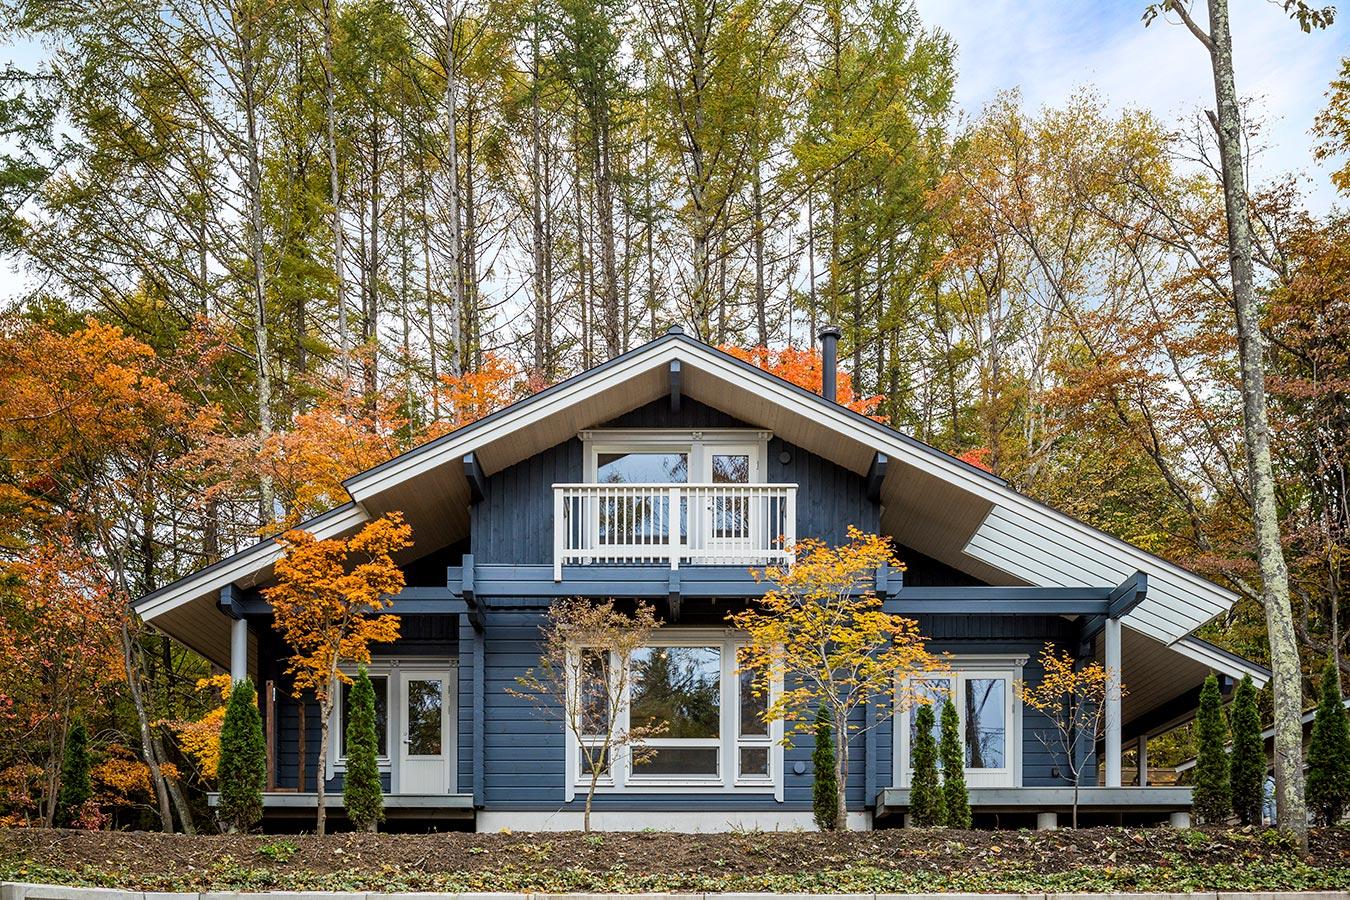 自然豊かな立地に建つ存在感のある邸宅